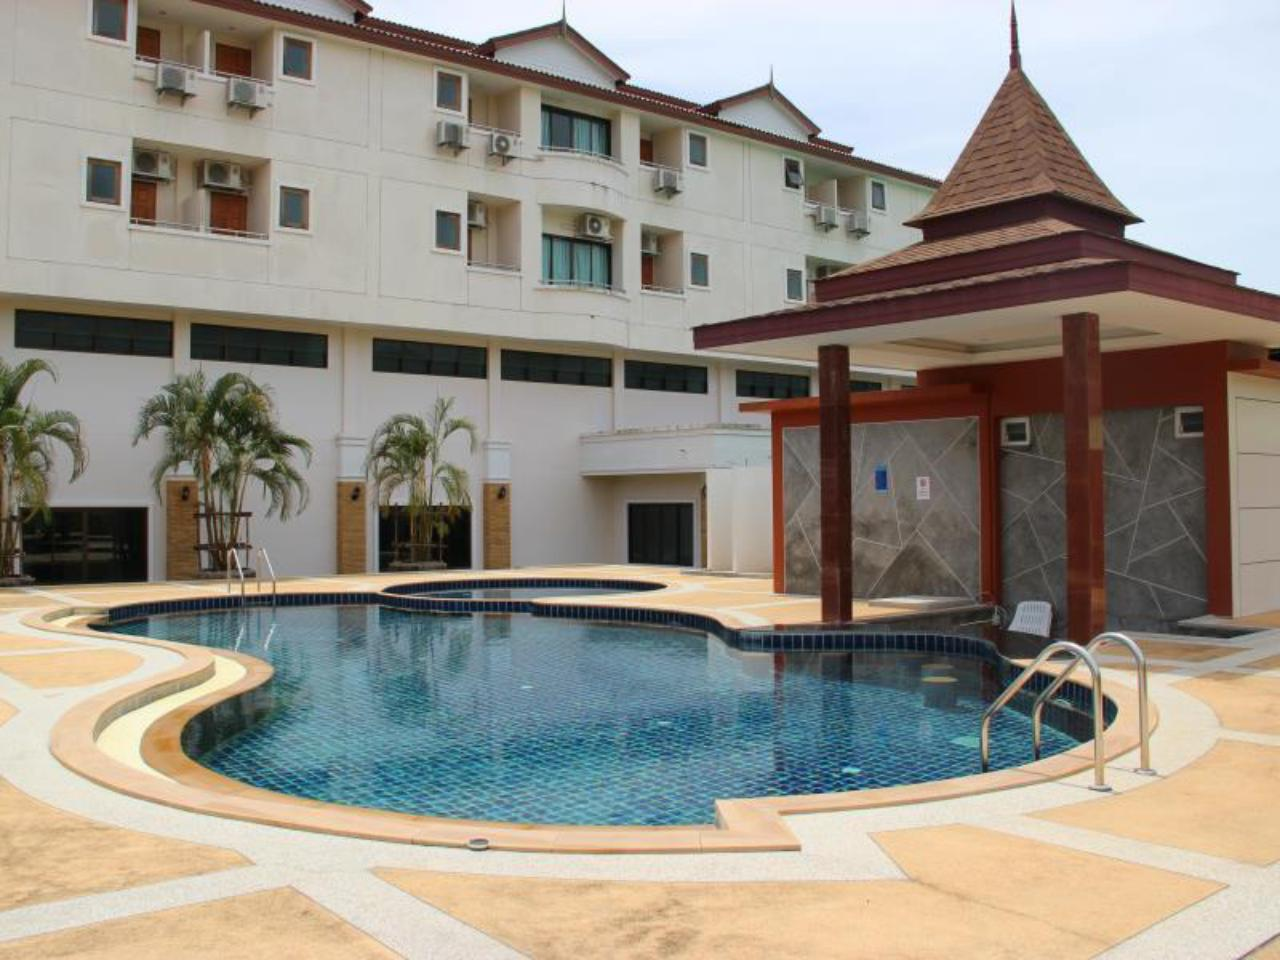 โรงแรมไดมอนด์เพลส (Diamond Place Hotel)